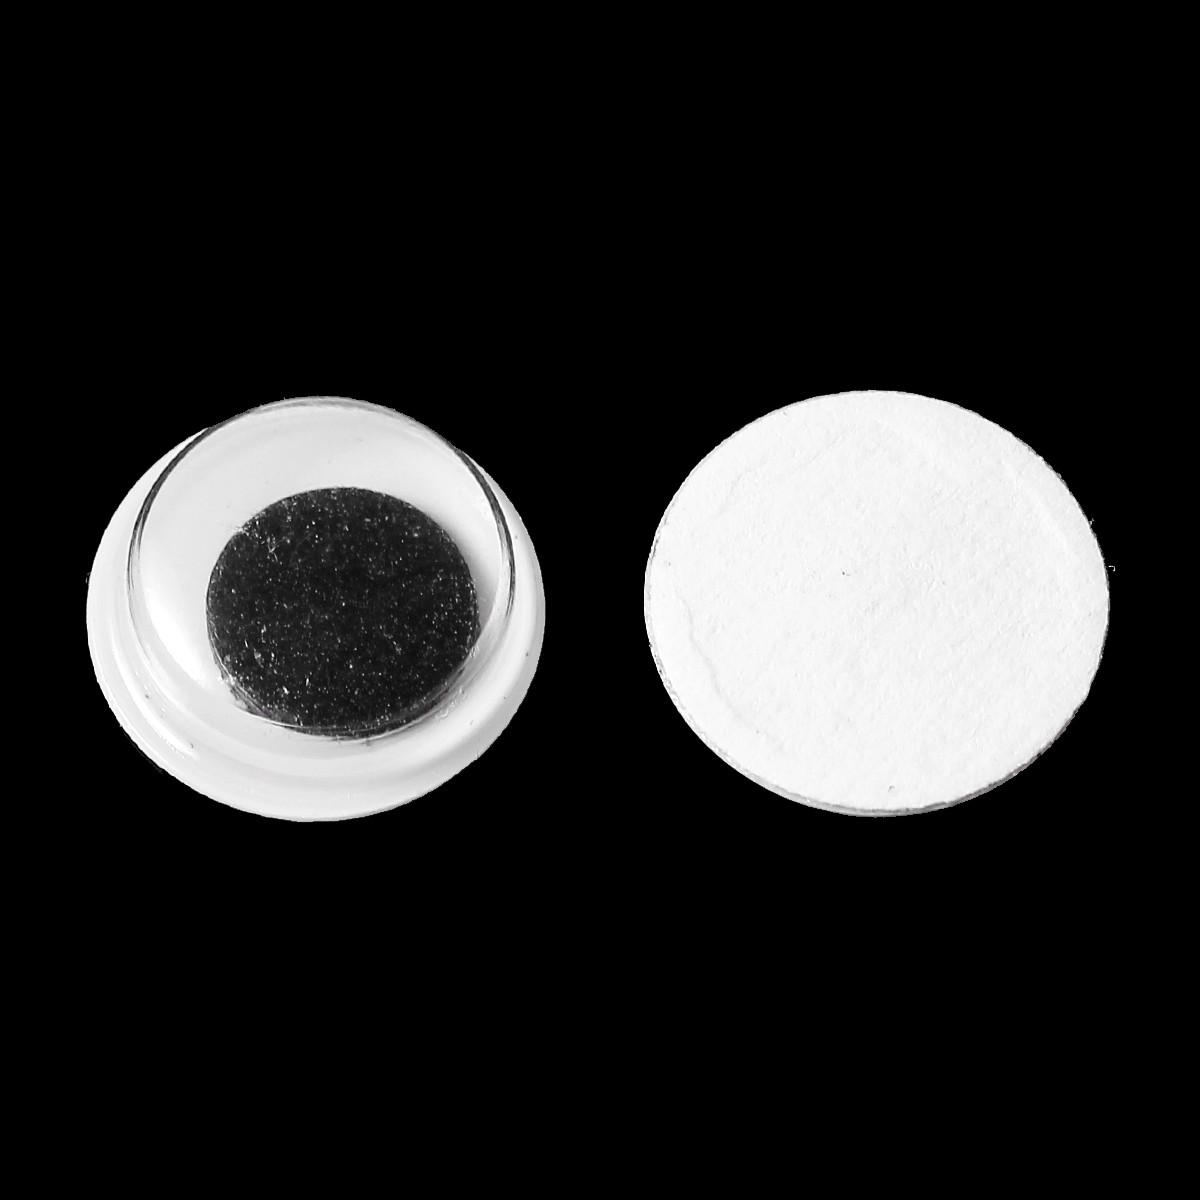 Глаз, ABS Пластик, Кабошон, Фурнитуры для изготовления кукол, Черный & Белый, 10 мм